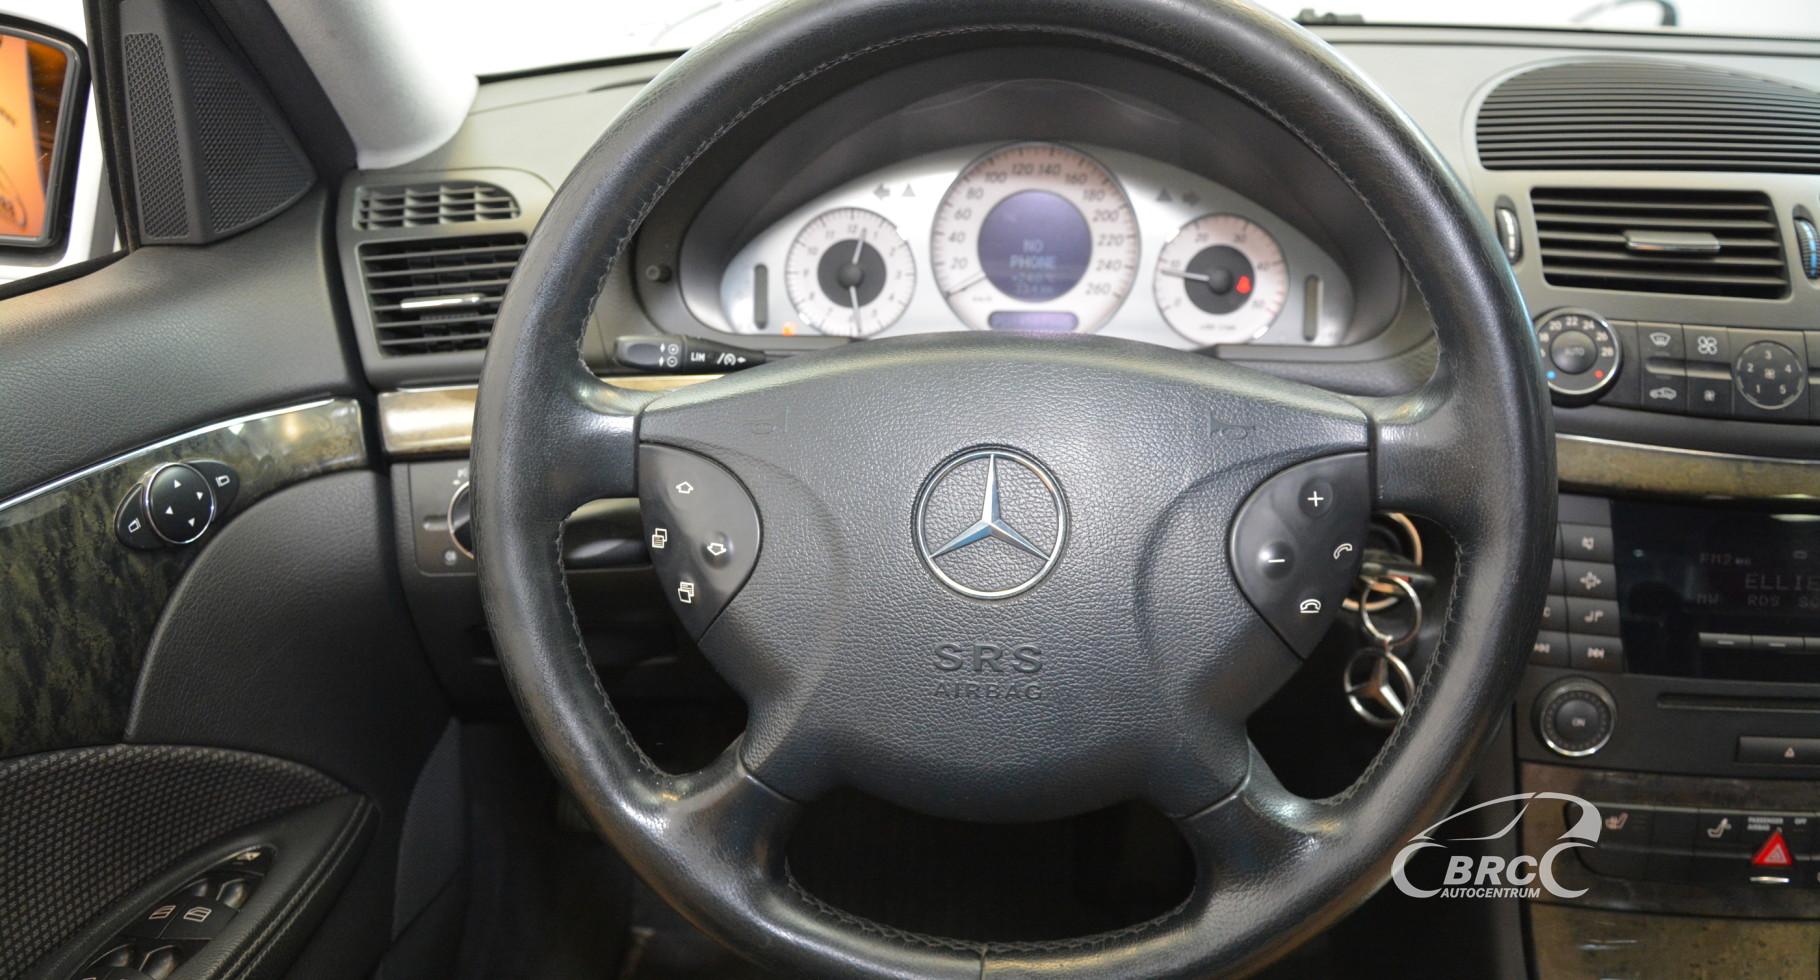 Mercedes-Benz E 270 CDI Automatas Avantgarde